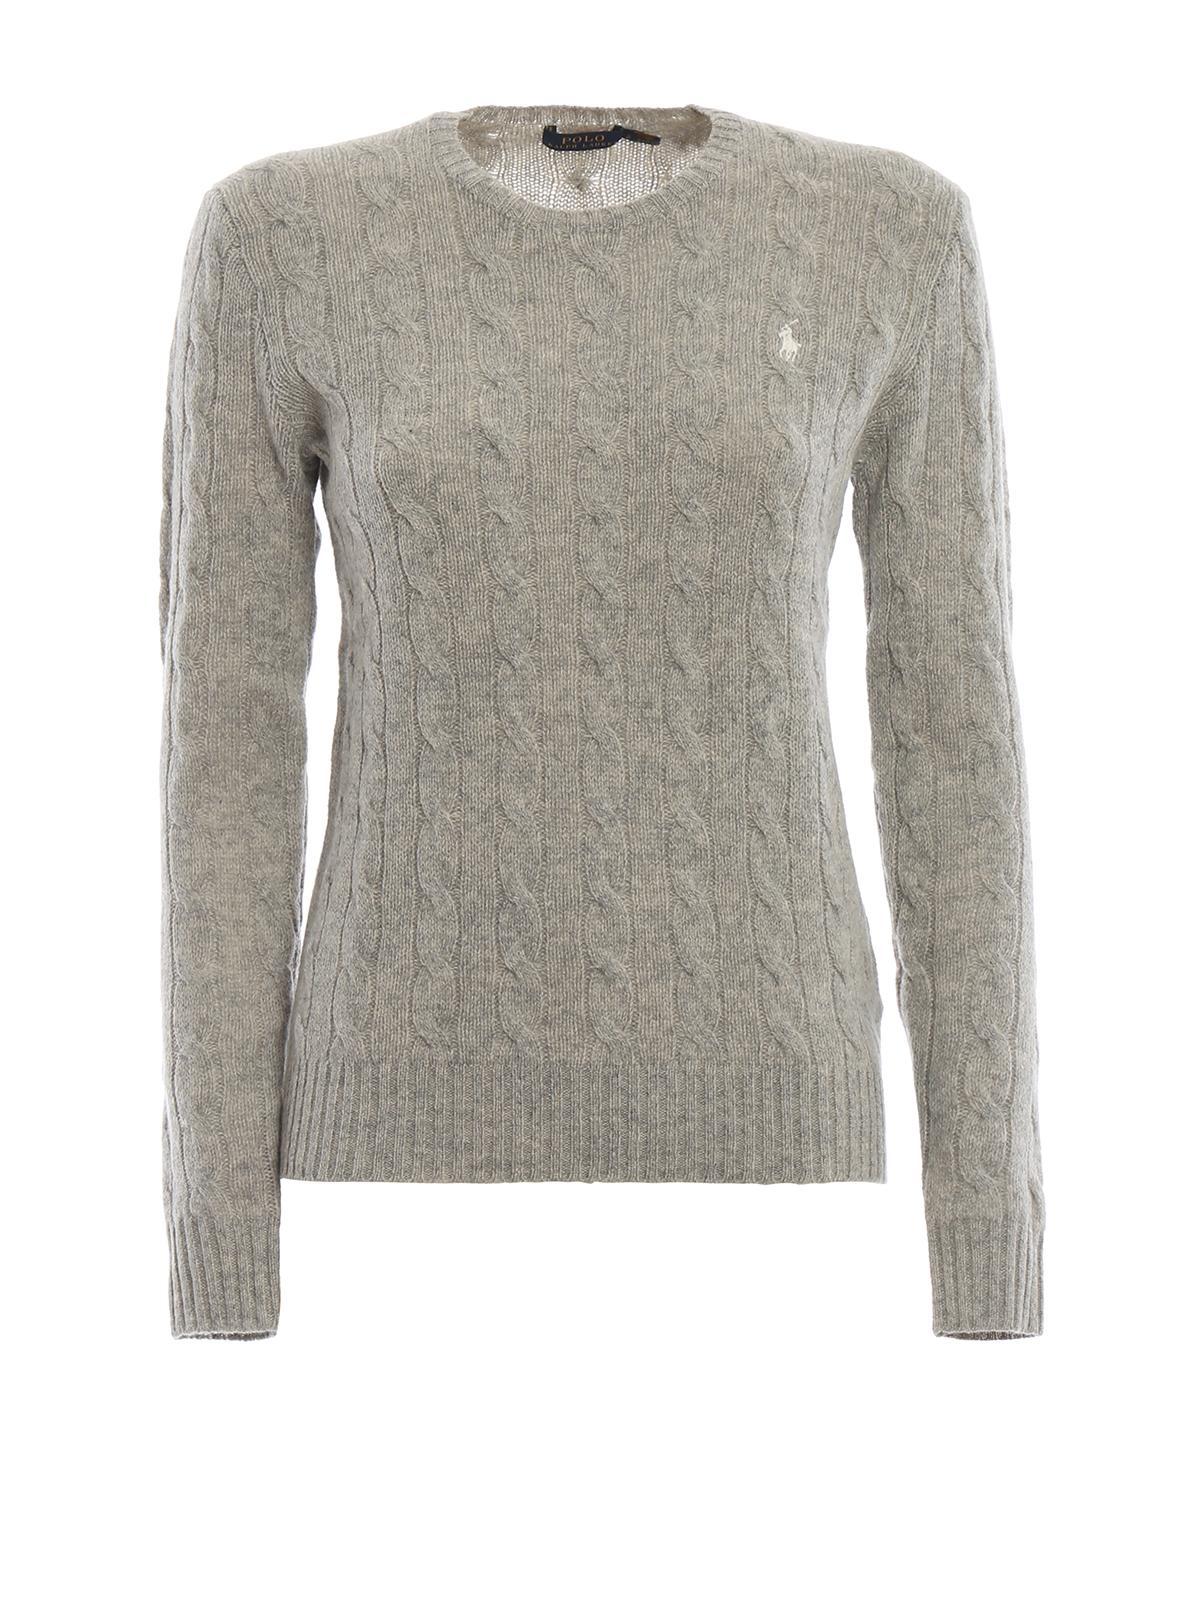 f6a2f8e72f158 Cable knit merino and cashmere sweater - POLO RALPH LAUREN - Paolo Fiorillo